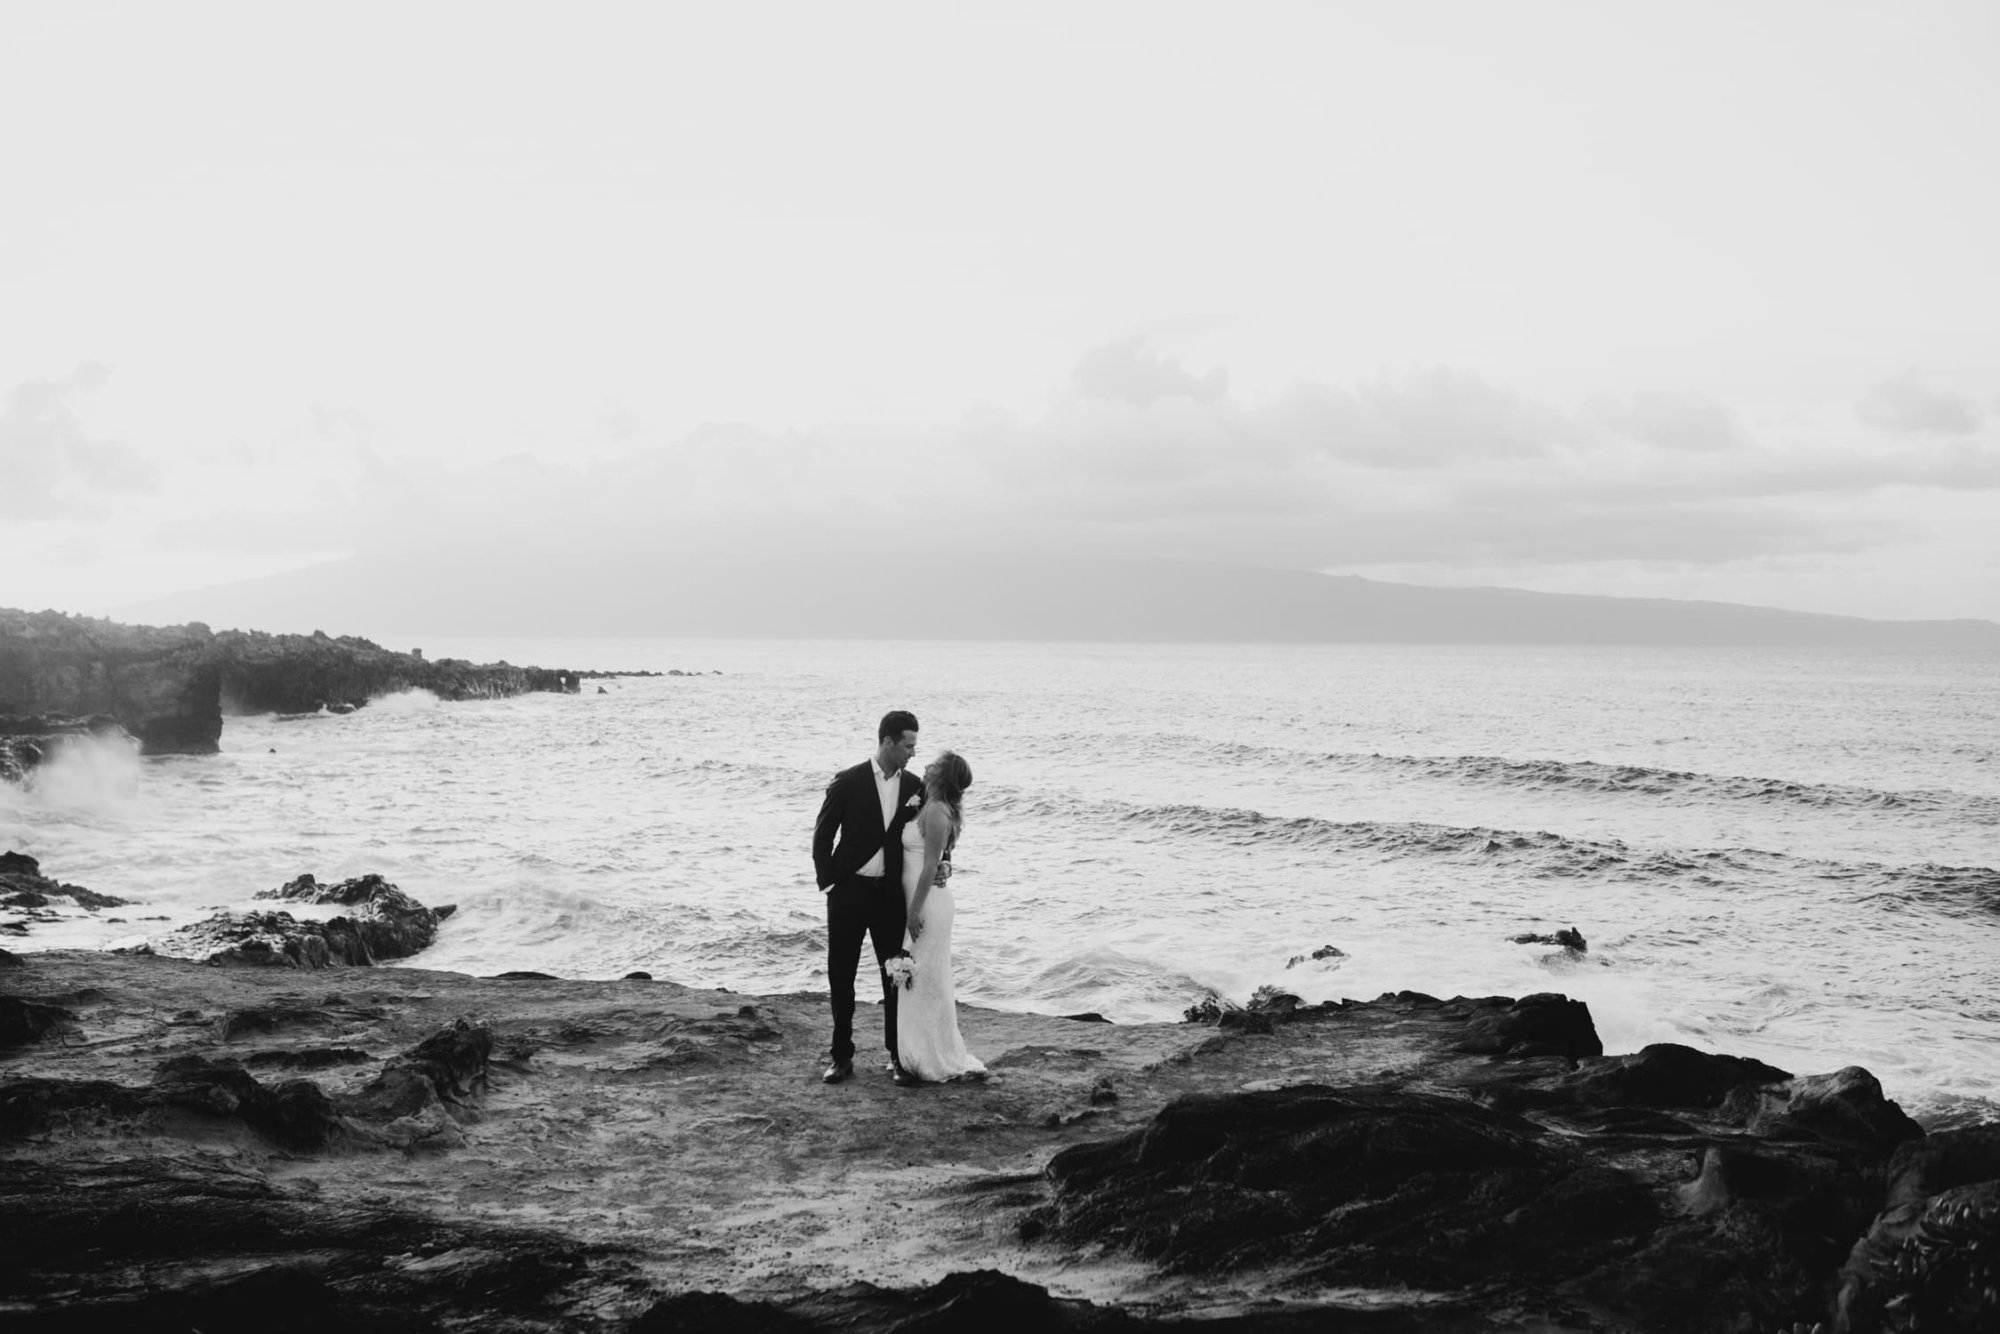 Elopement Photographer, Elope in Hawaii - Elopement Packages in the Hawaiian Islands